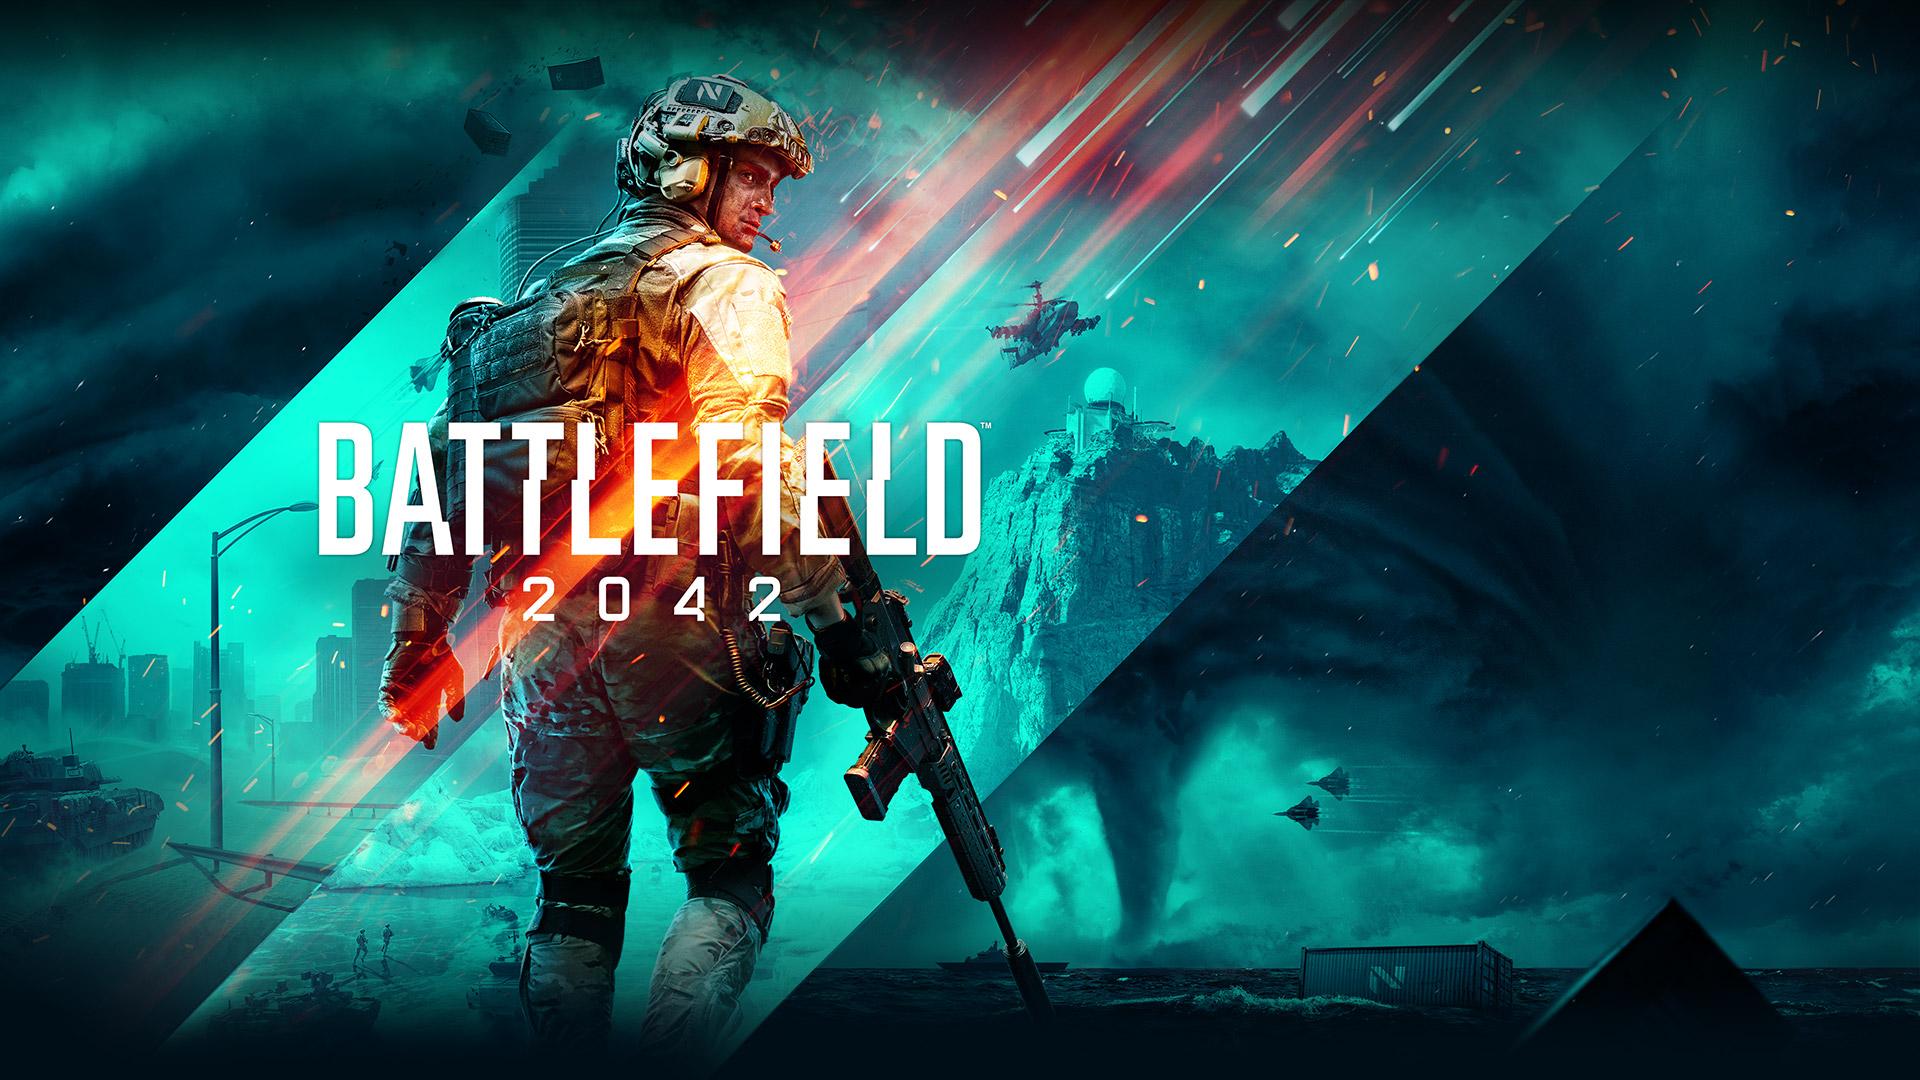 Battlefield 2042, Een soldaat kijkt over zijn schouder met een collage van verschillende oorlogsomgevingen op de achtergrond.